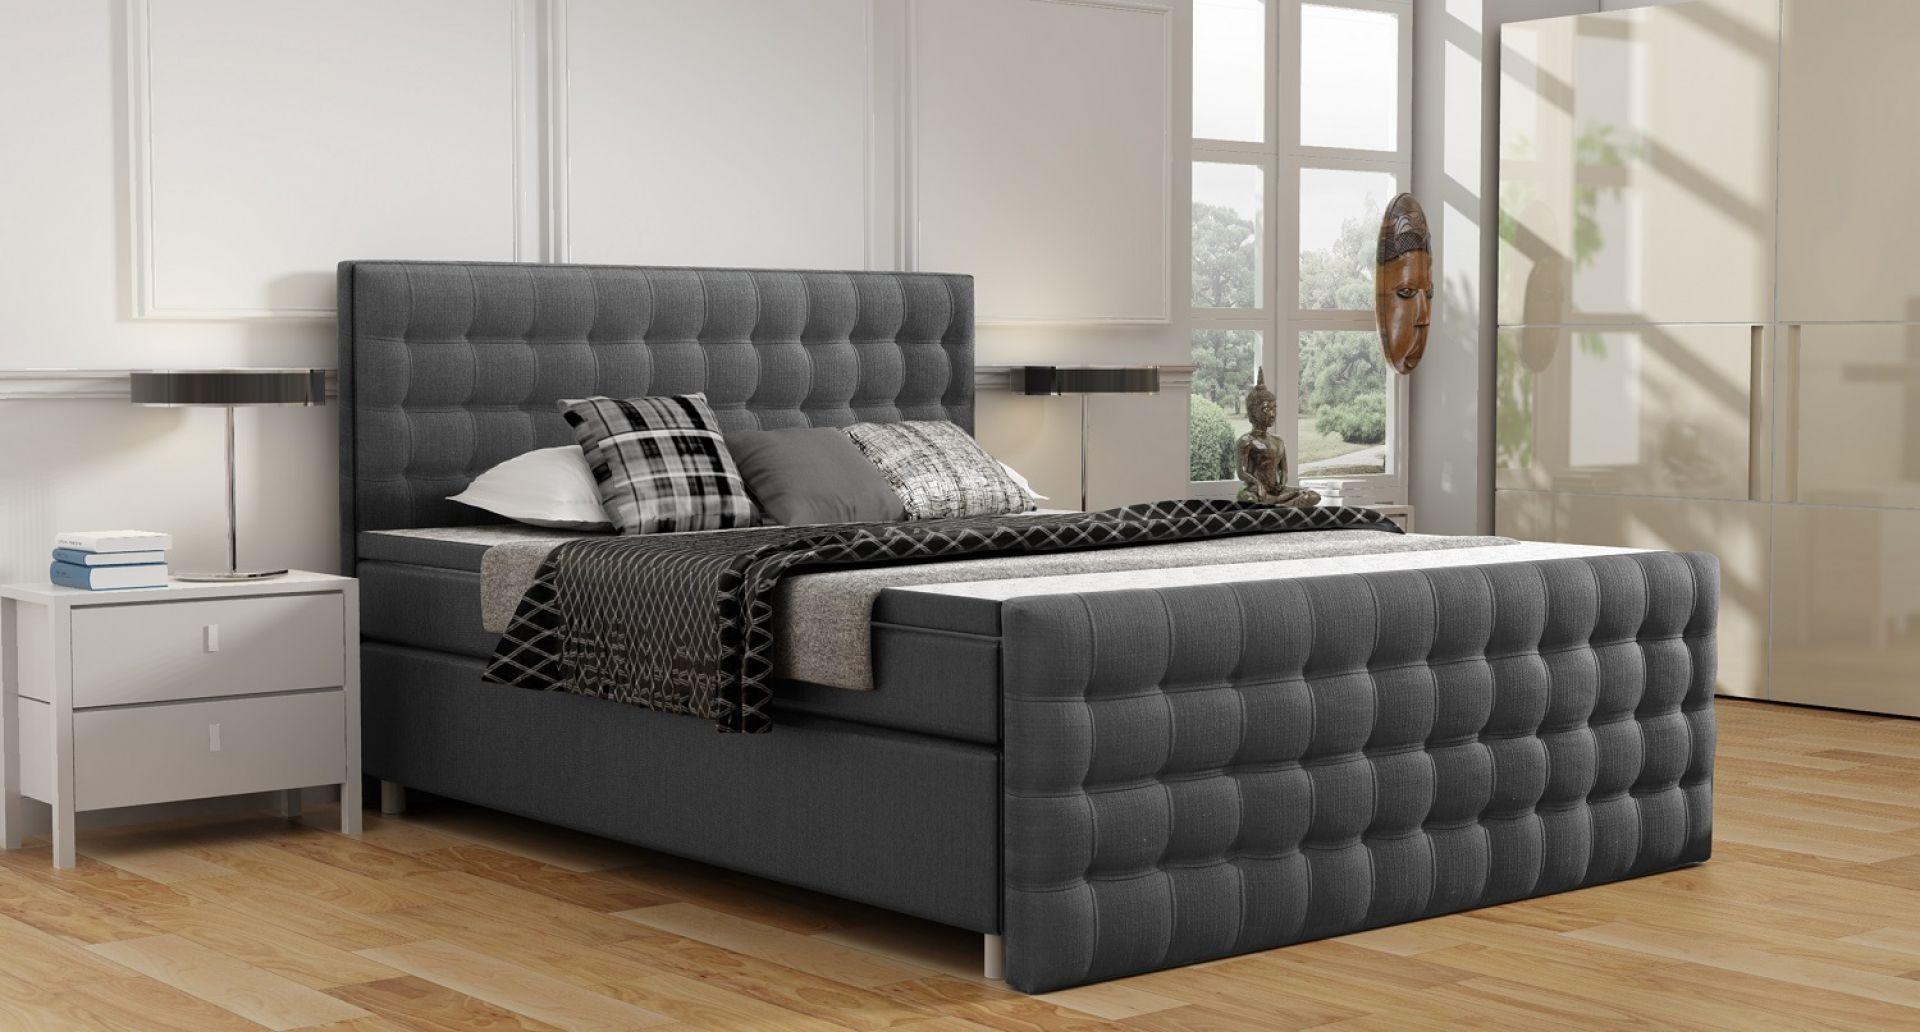 Łóżko kontynentalne